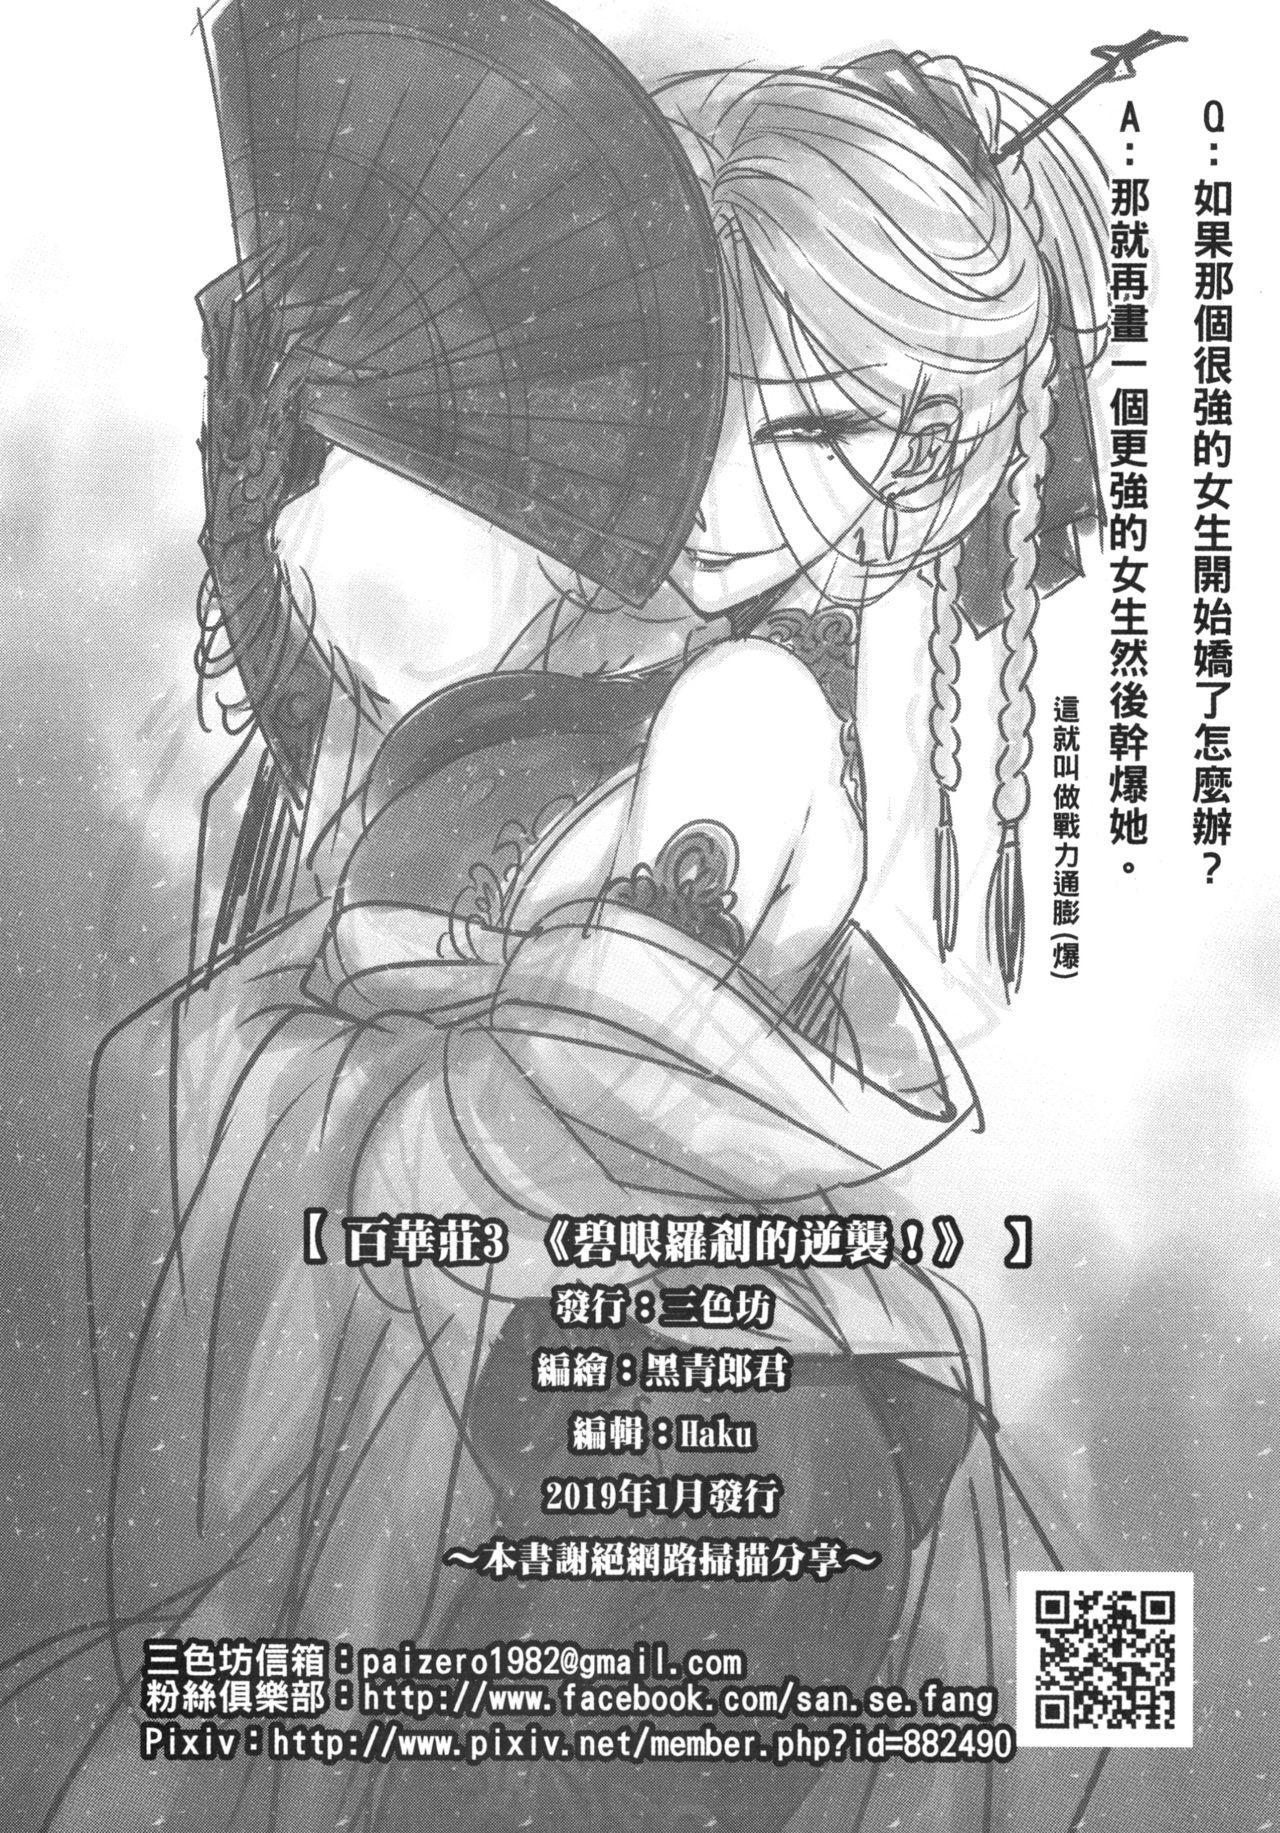 Hyakkasou3 《Hekigan rasetsu no gyakushuu》 25